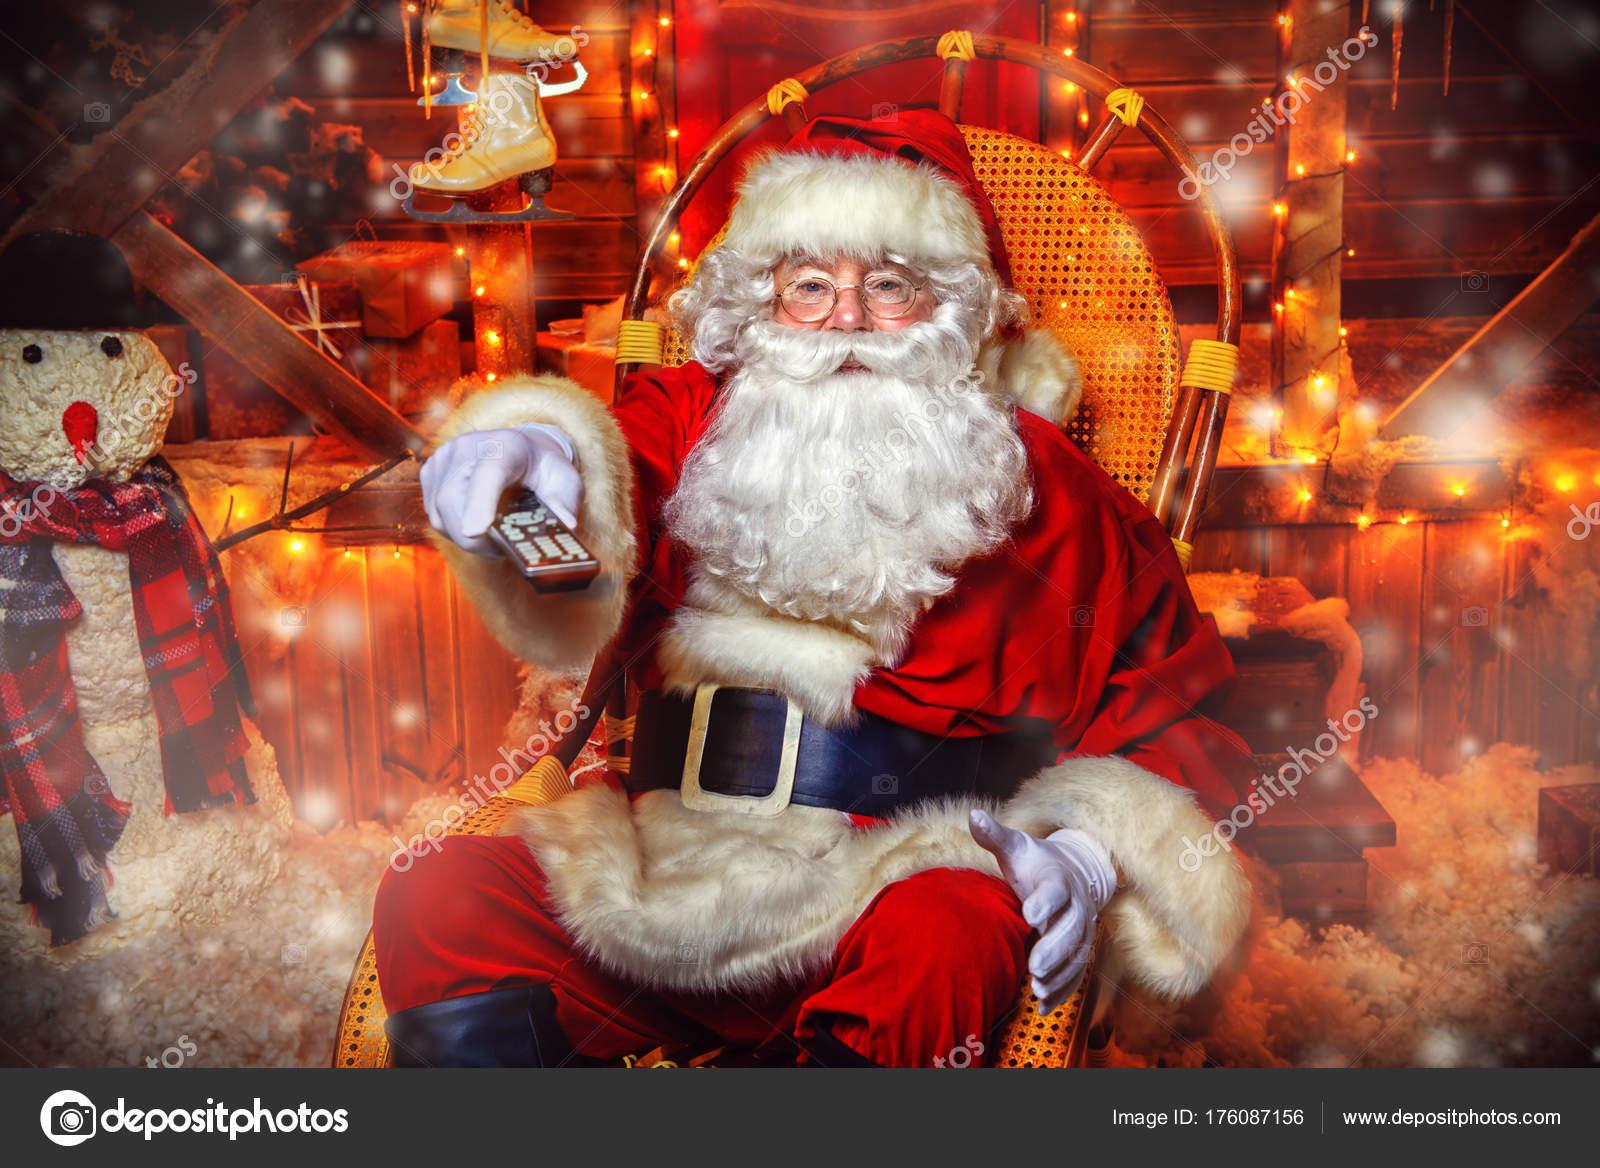 Frohe Weihnachten Film.Weihnachten Film Stockfoto Prometeus 176087156